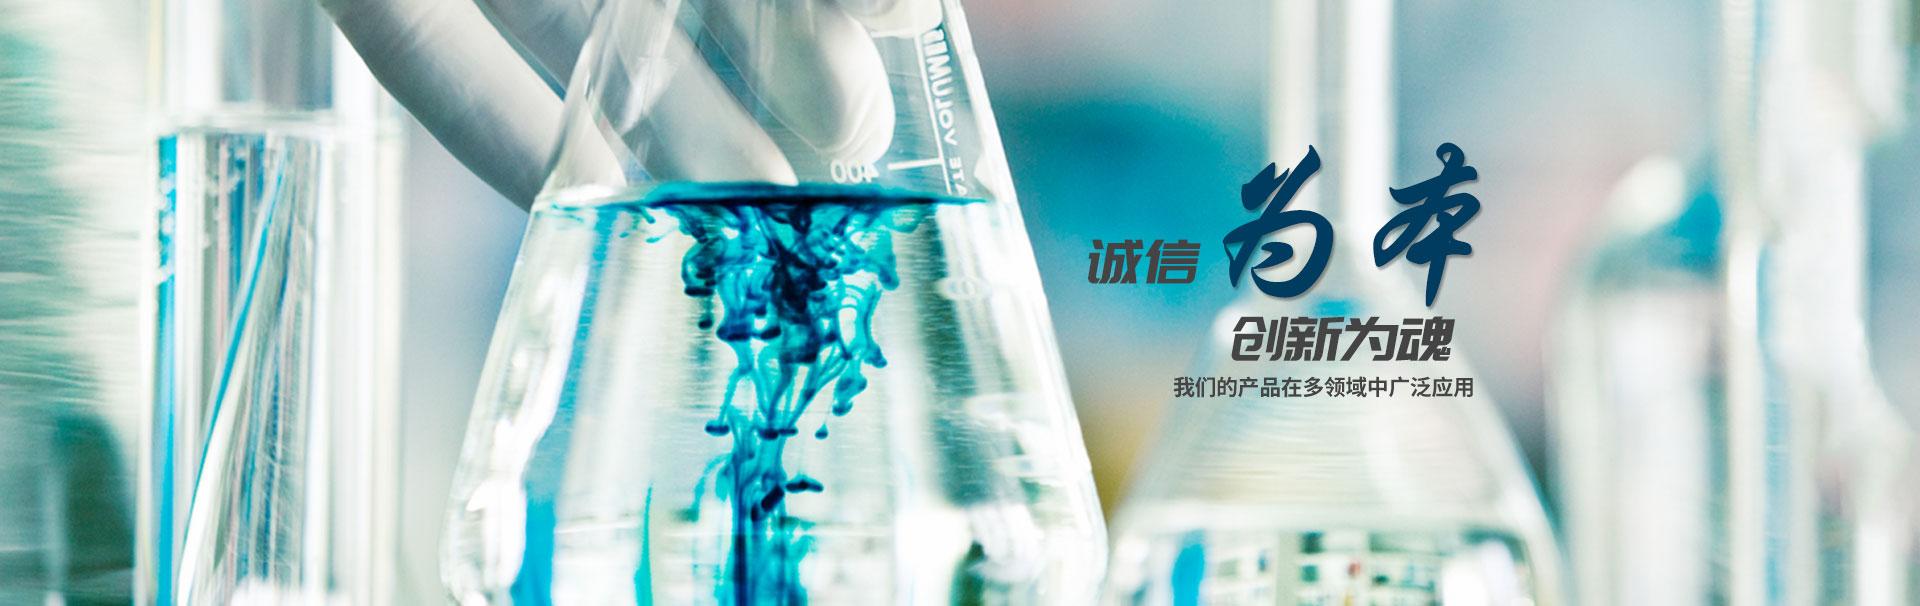 上海统帅有机硅材料有限公司